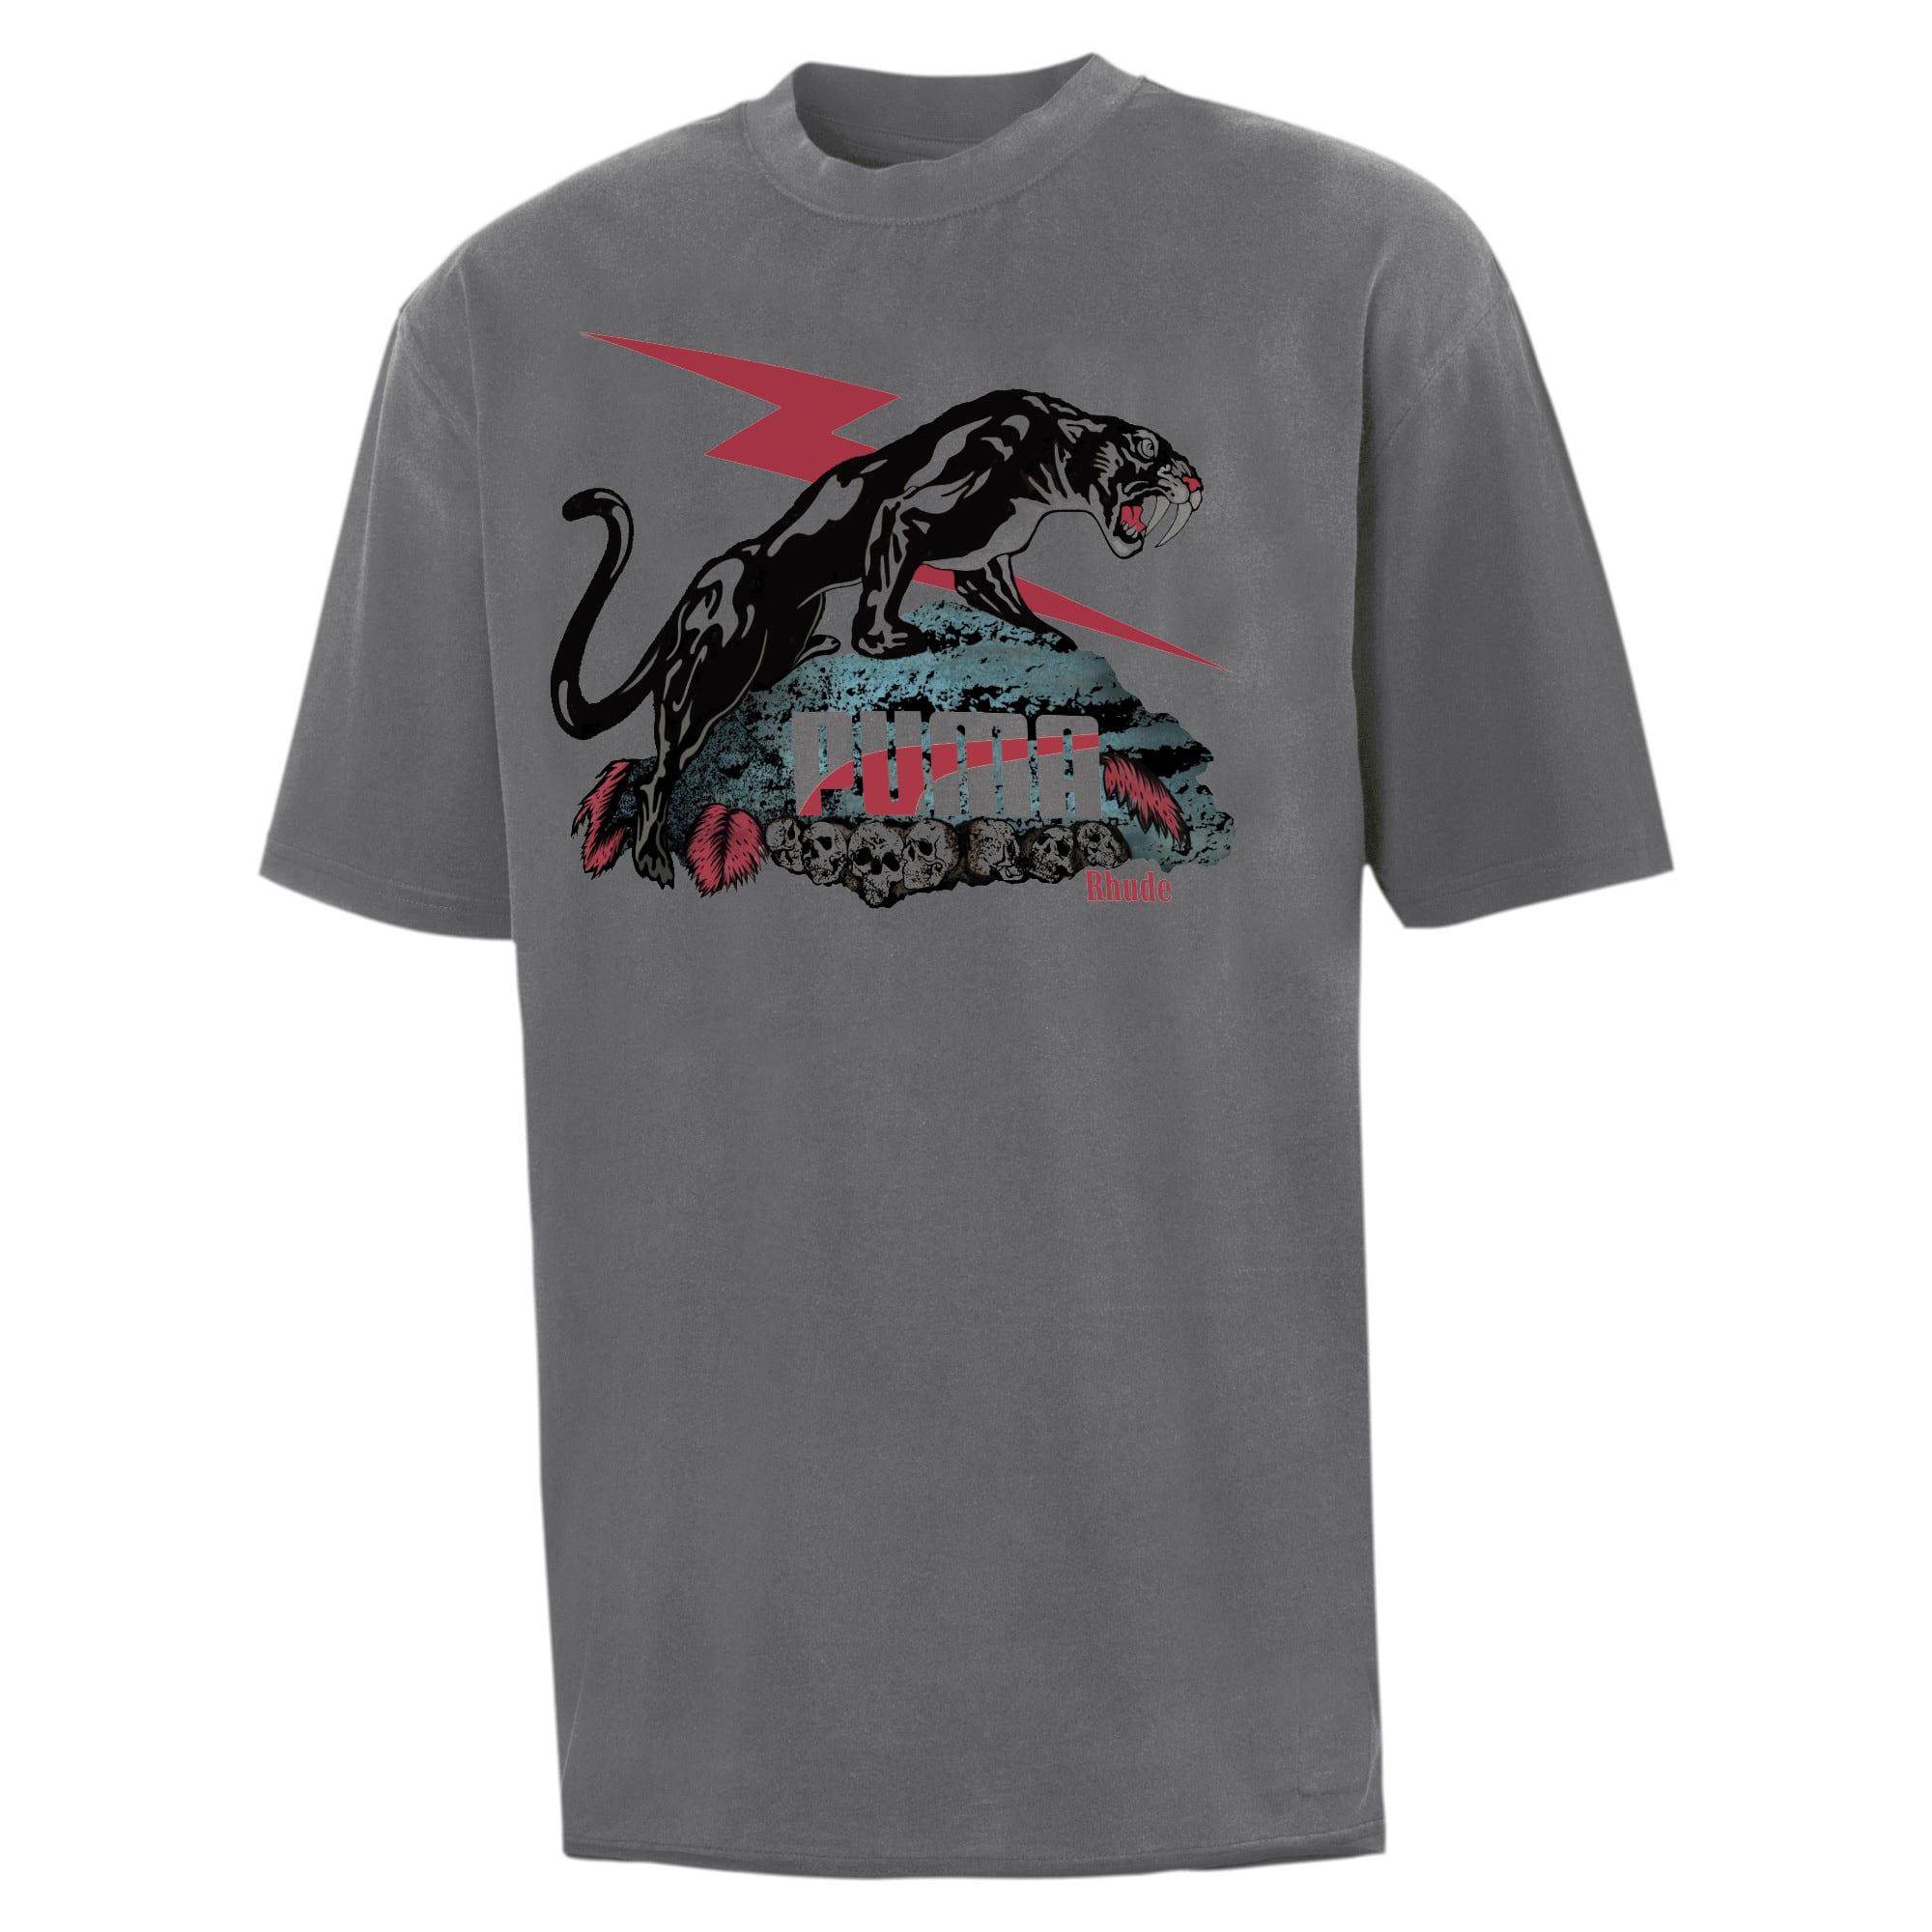 Thumbnail 1 of PUMA x RHUDE Tシャツ, Puma Black, medium-JPN